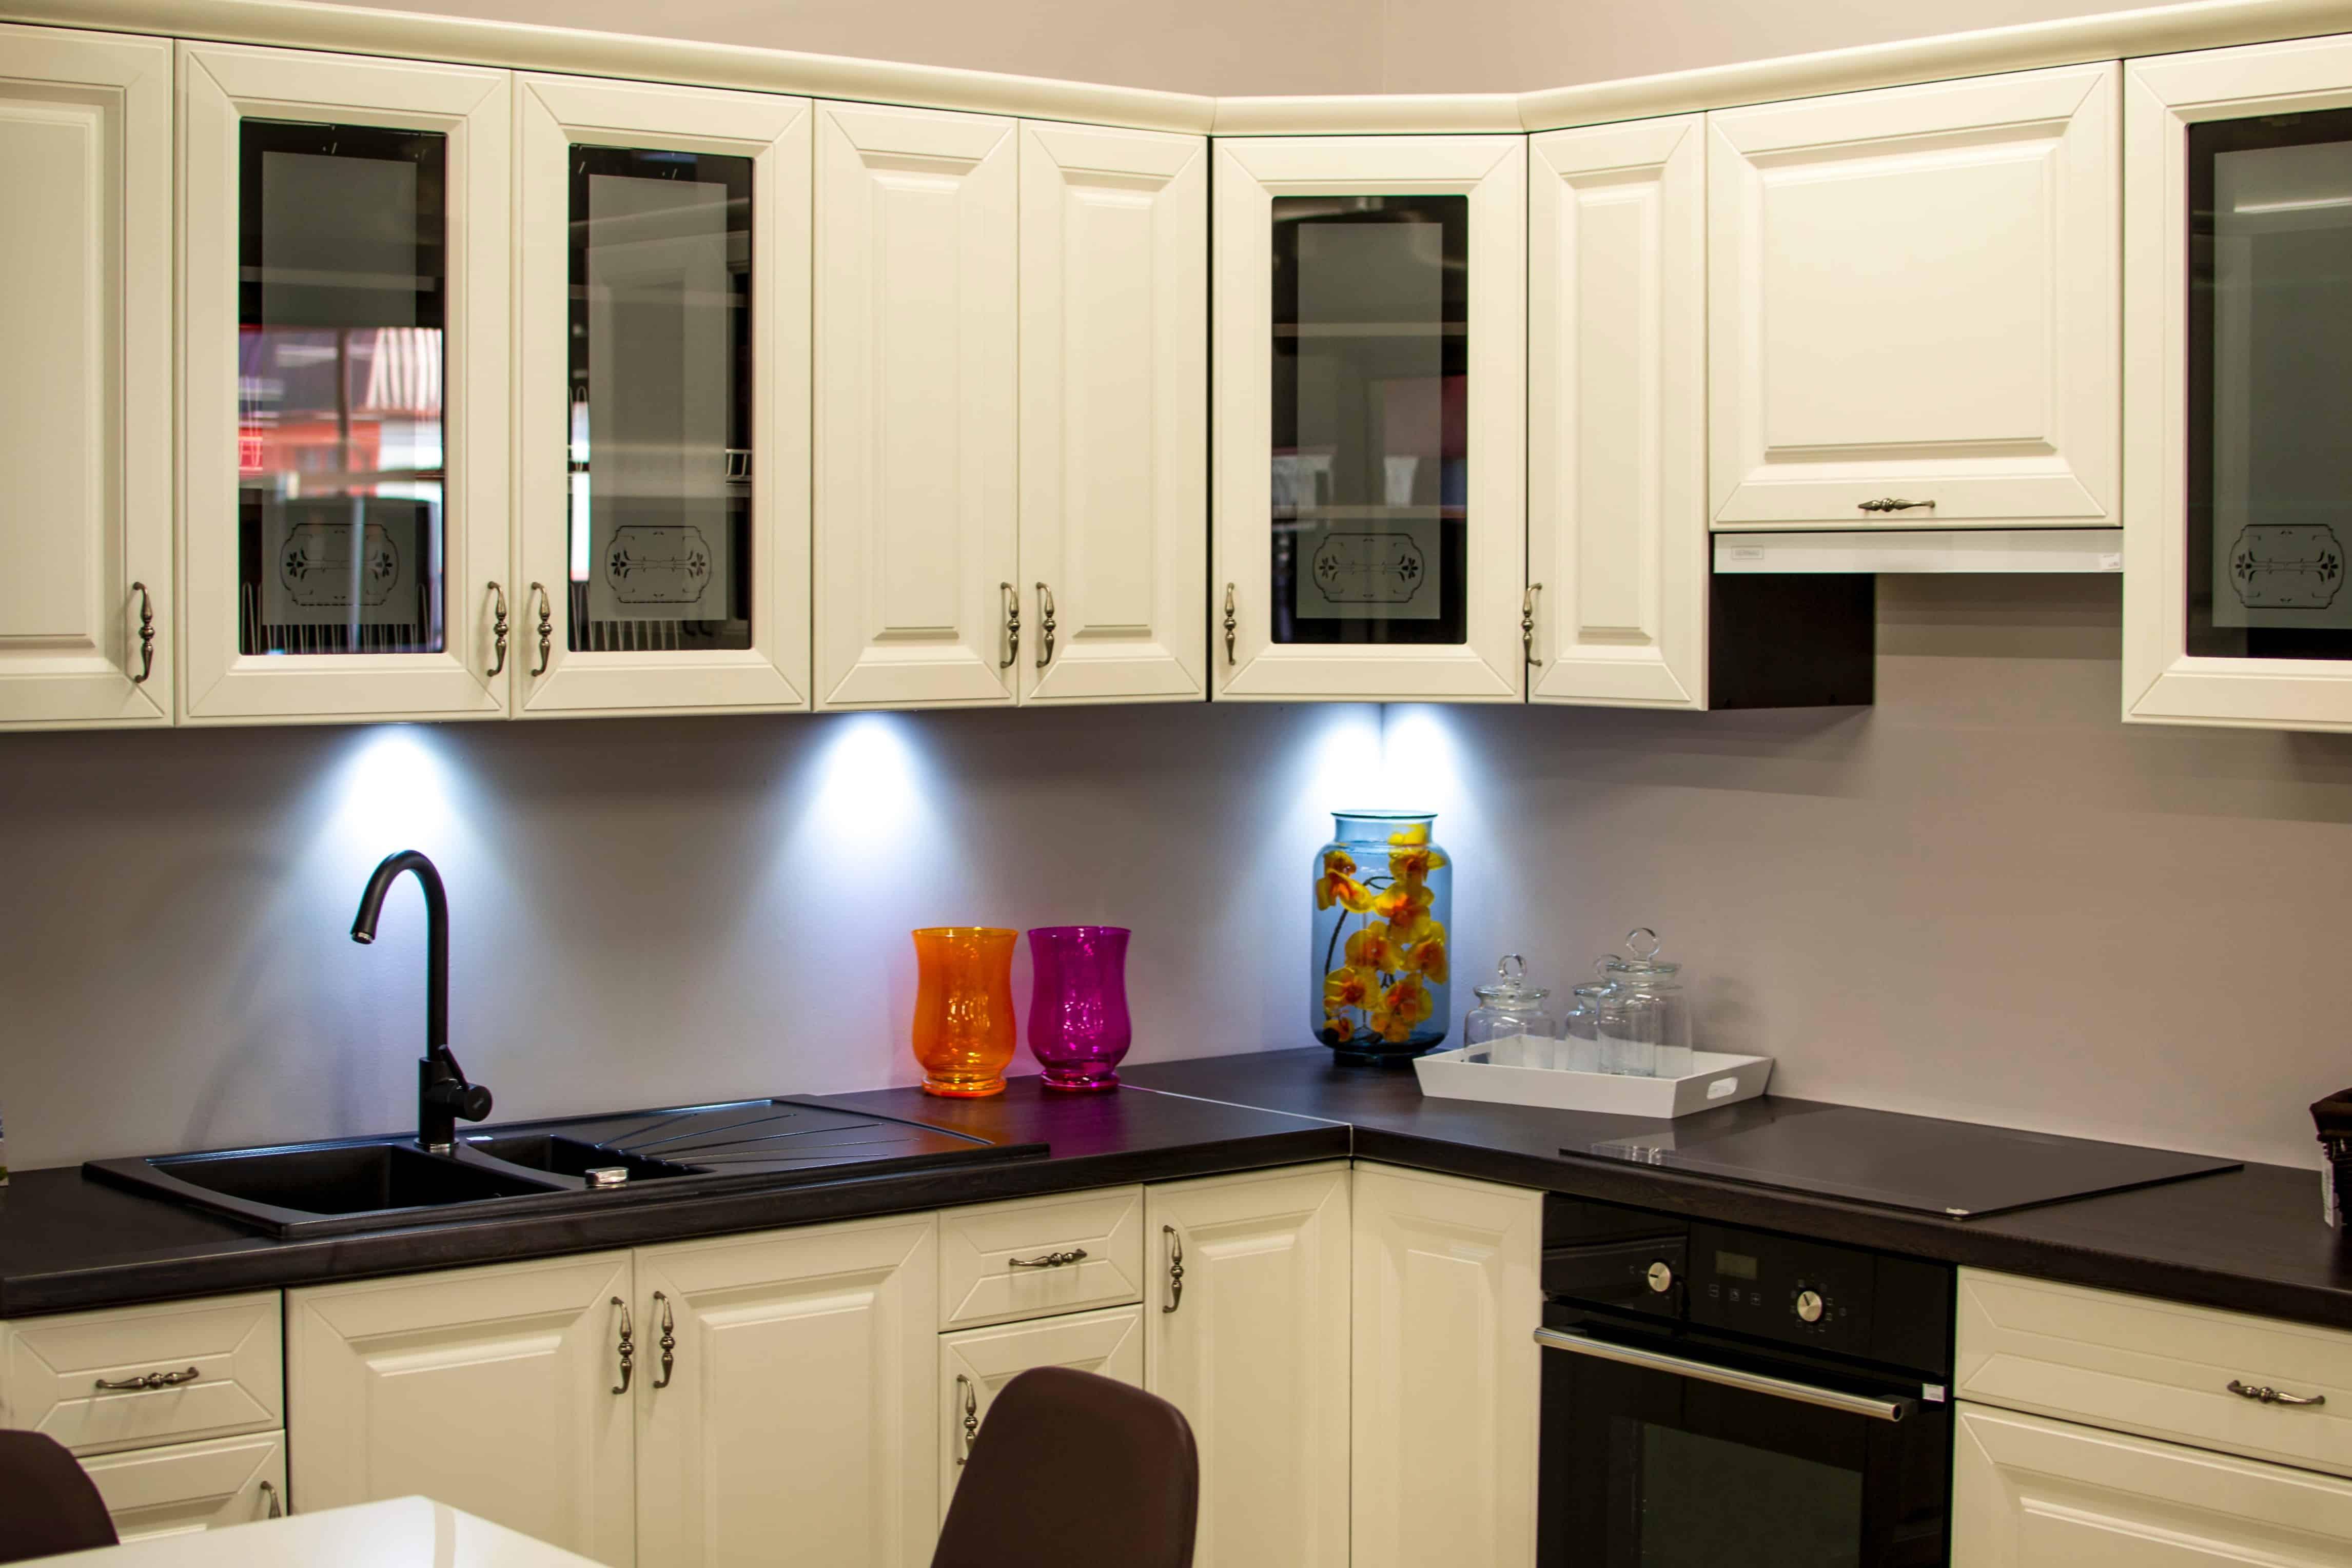 حيل فعالة لإزالة بقع الصدأ من أسطح المطابخ والحمامات